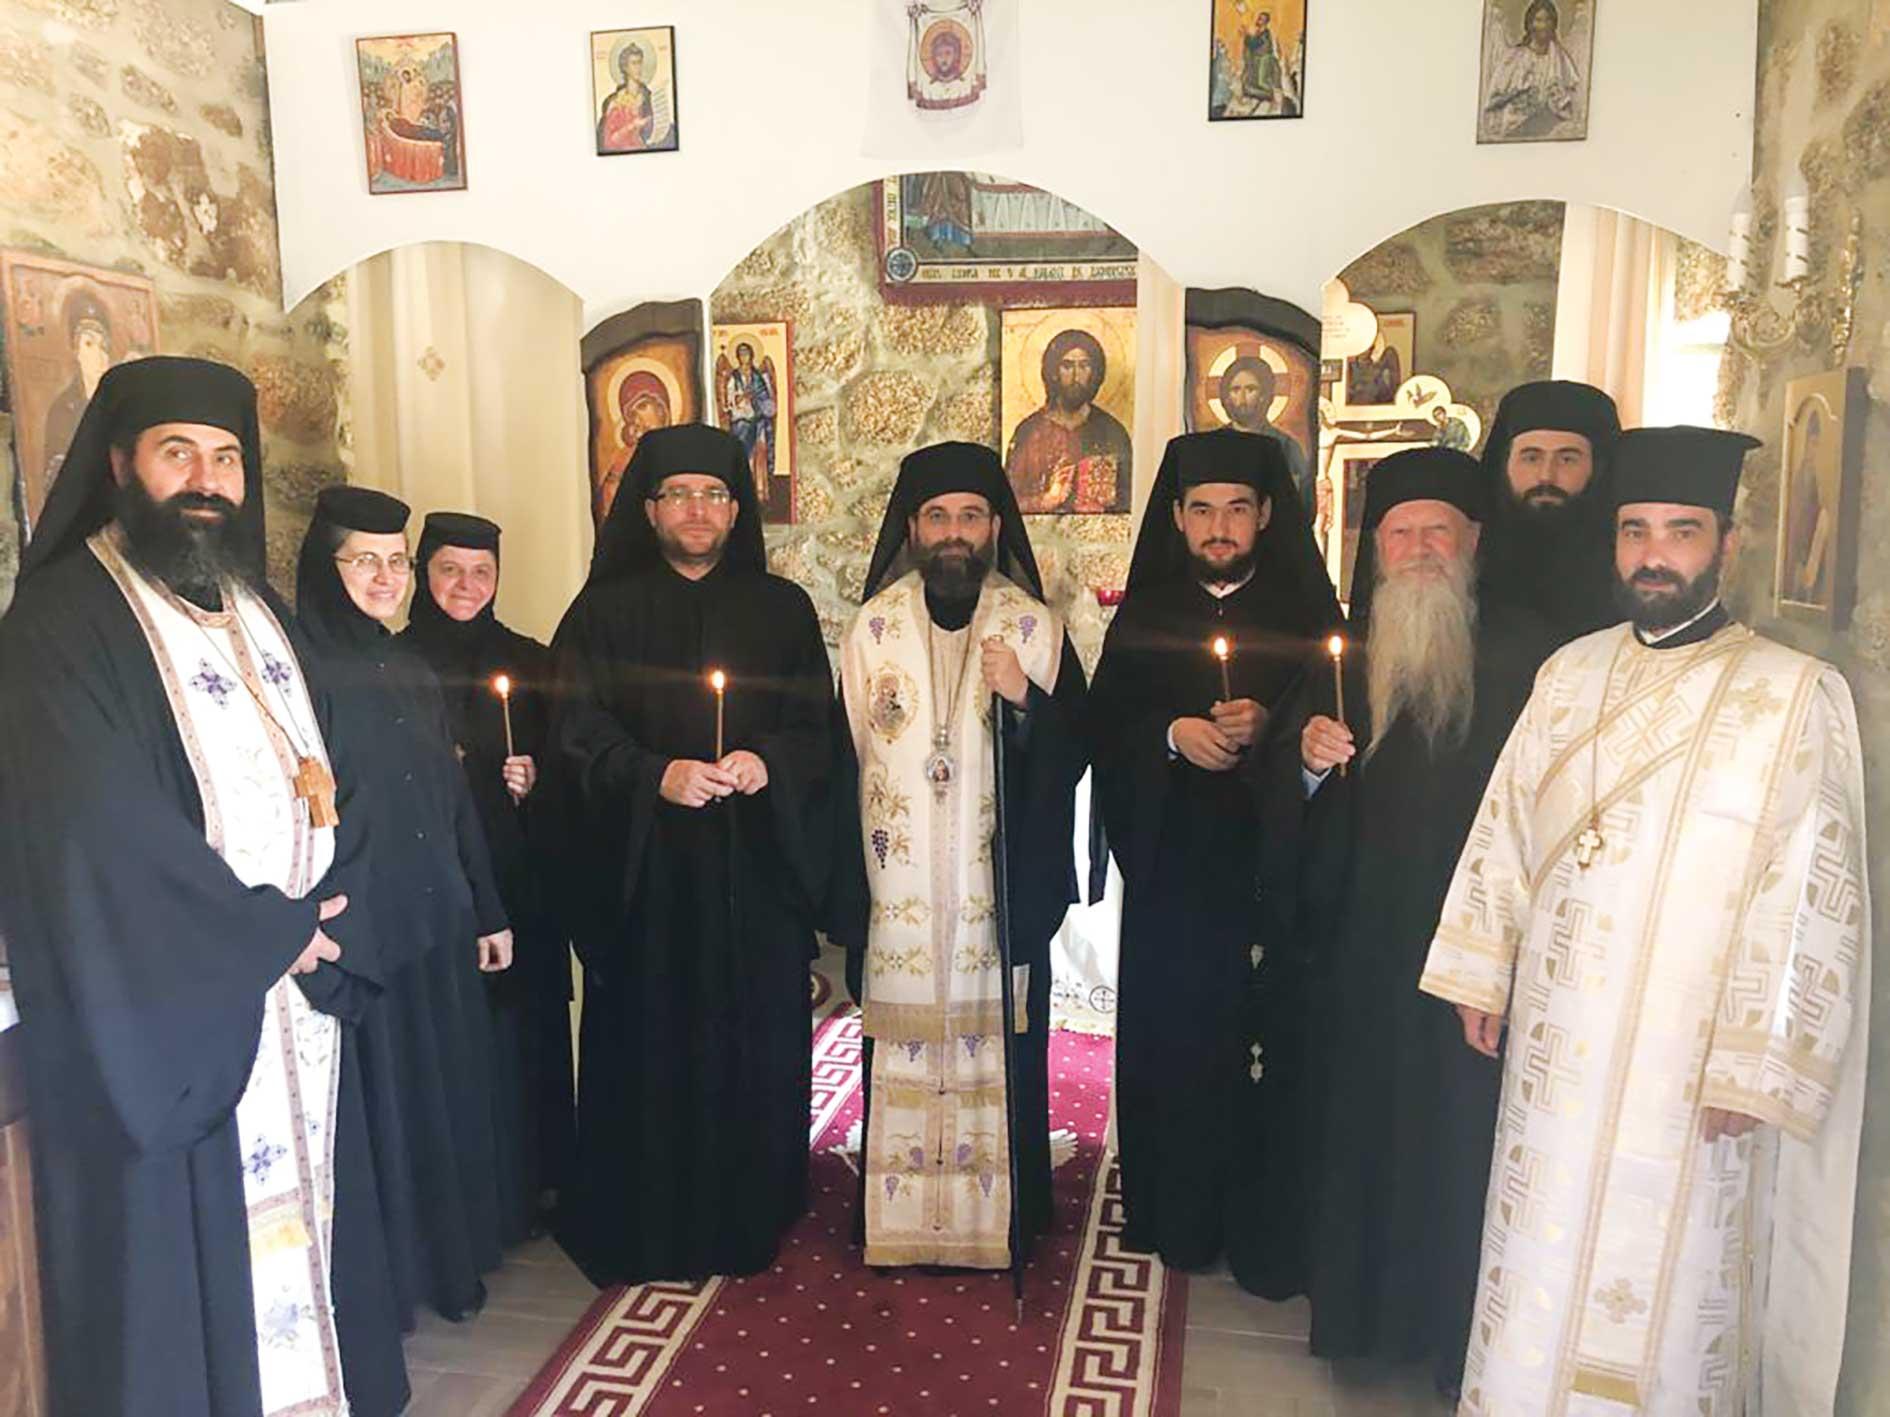 Rasoforii la Mănăstirea Aldeia de Santa Margarida, Portugalia